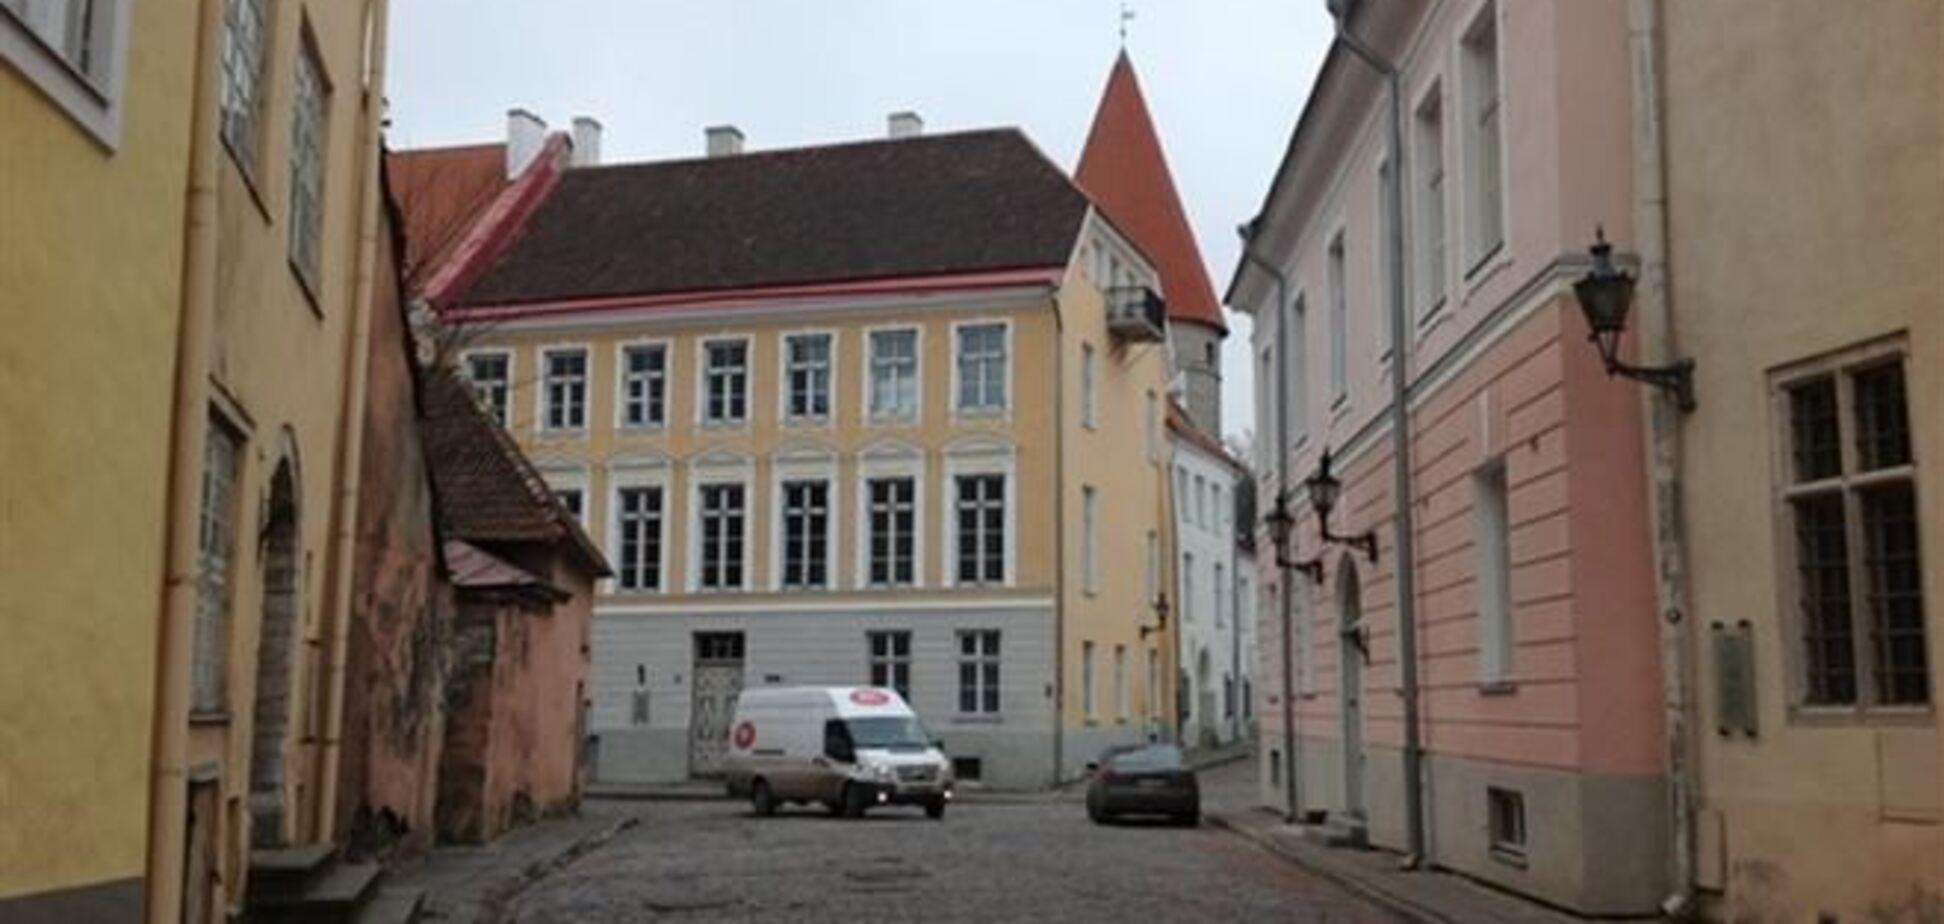 Активность на рынке недвижимости Эстонии осталась на прошлогоднем уровне